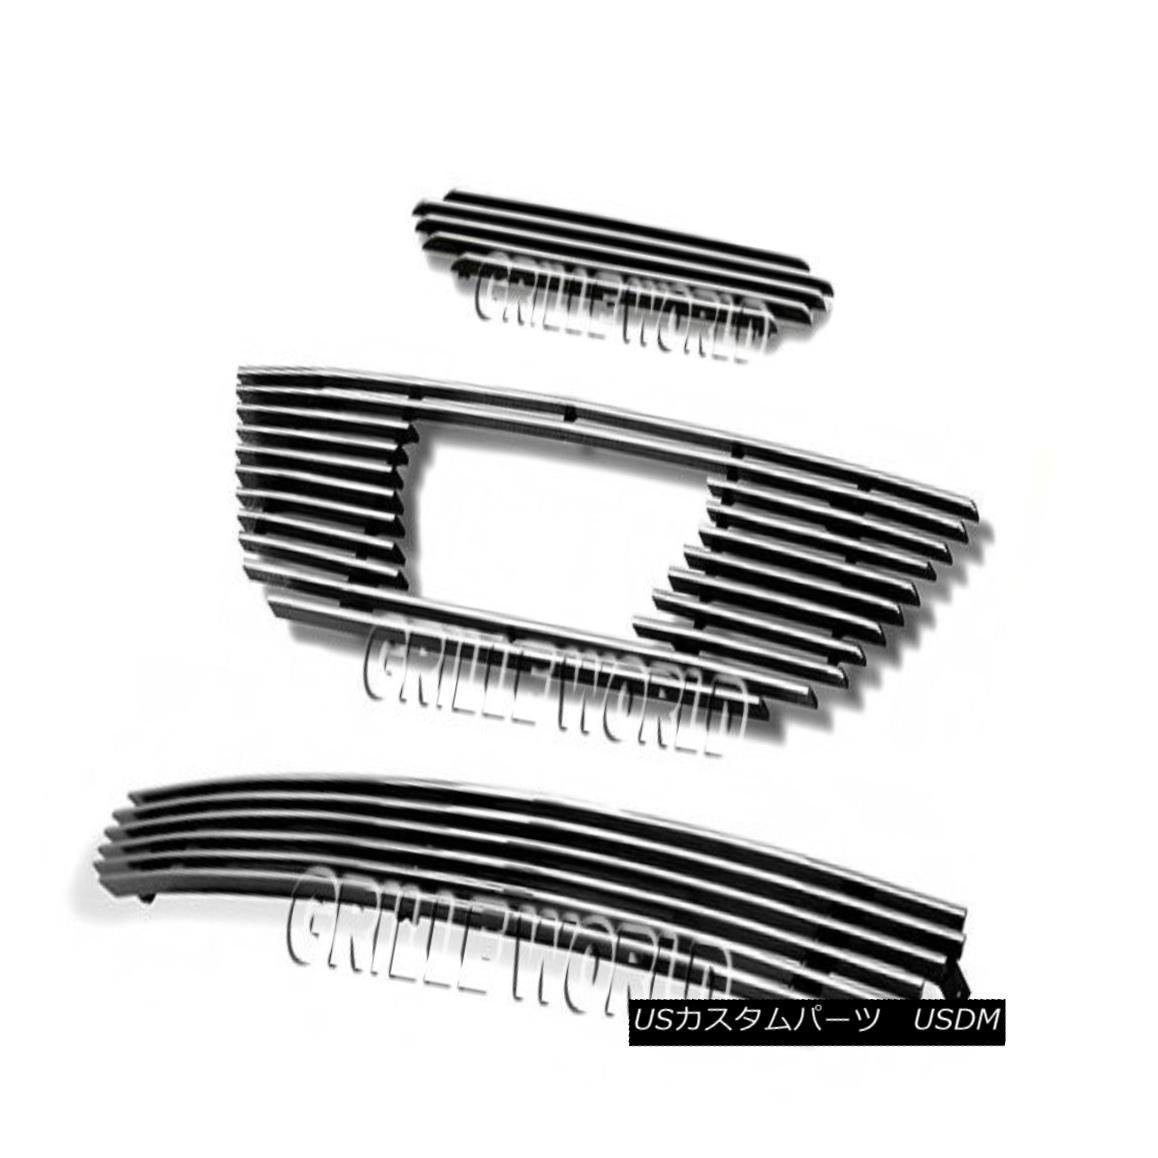 グリル For 99-04 Ford Mustang V6 Billet Premium Grille Grill Combo Insert 99-04フォードマスタングV6ビレットプレミアムグリルグリルコンボインサート用